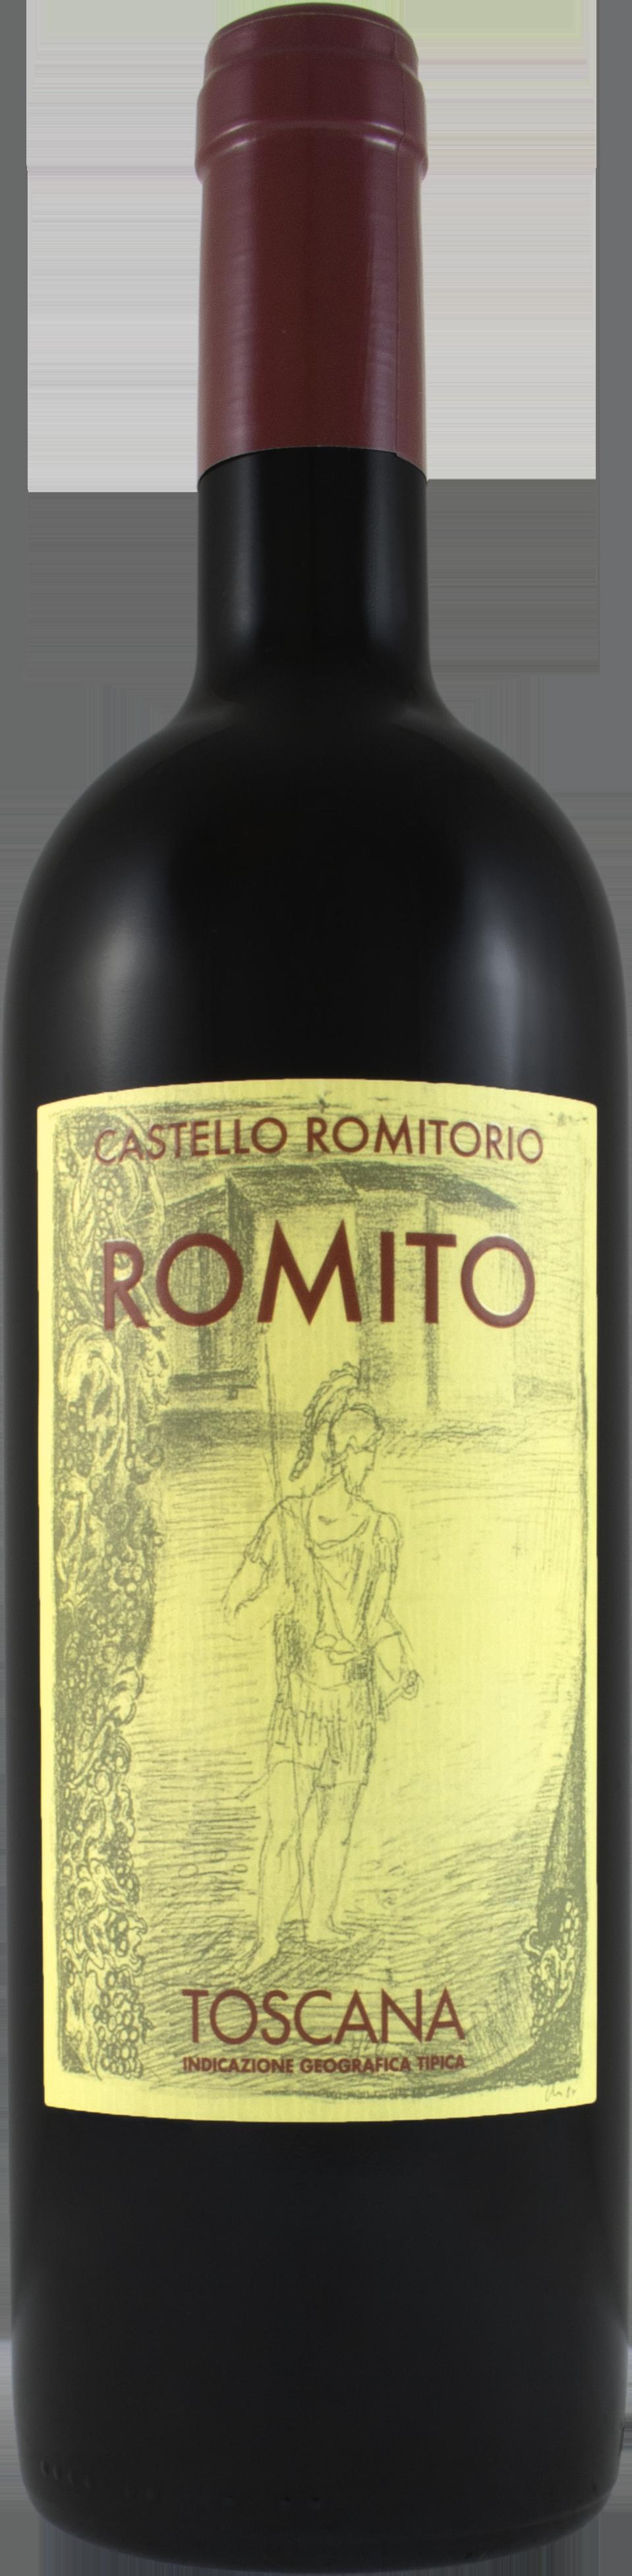 2015 Castello Romitorio Romito Toscana Rosso